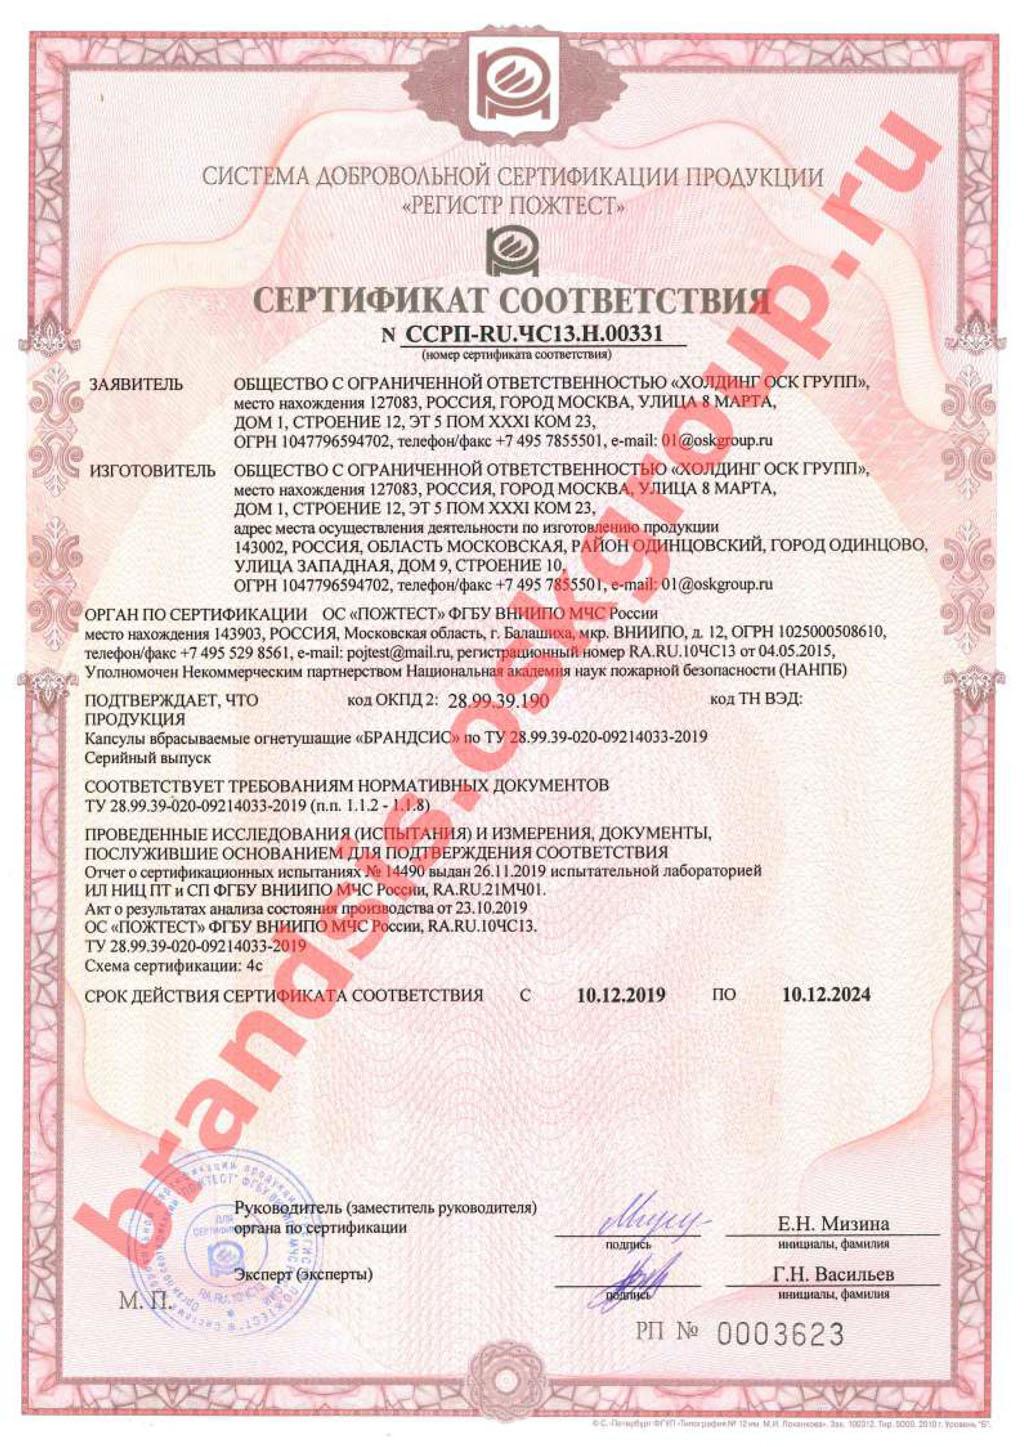 Сертификат соответствия вбрасываемая капсула